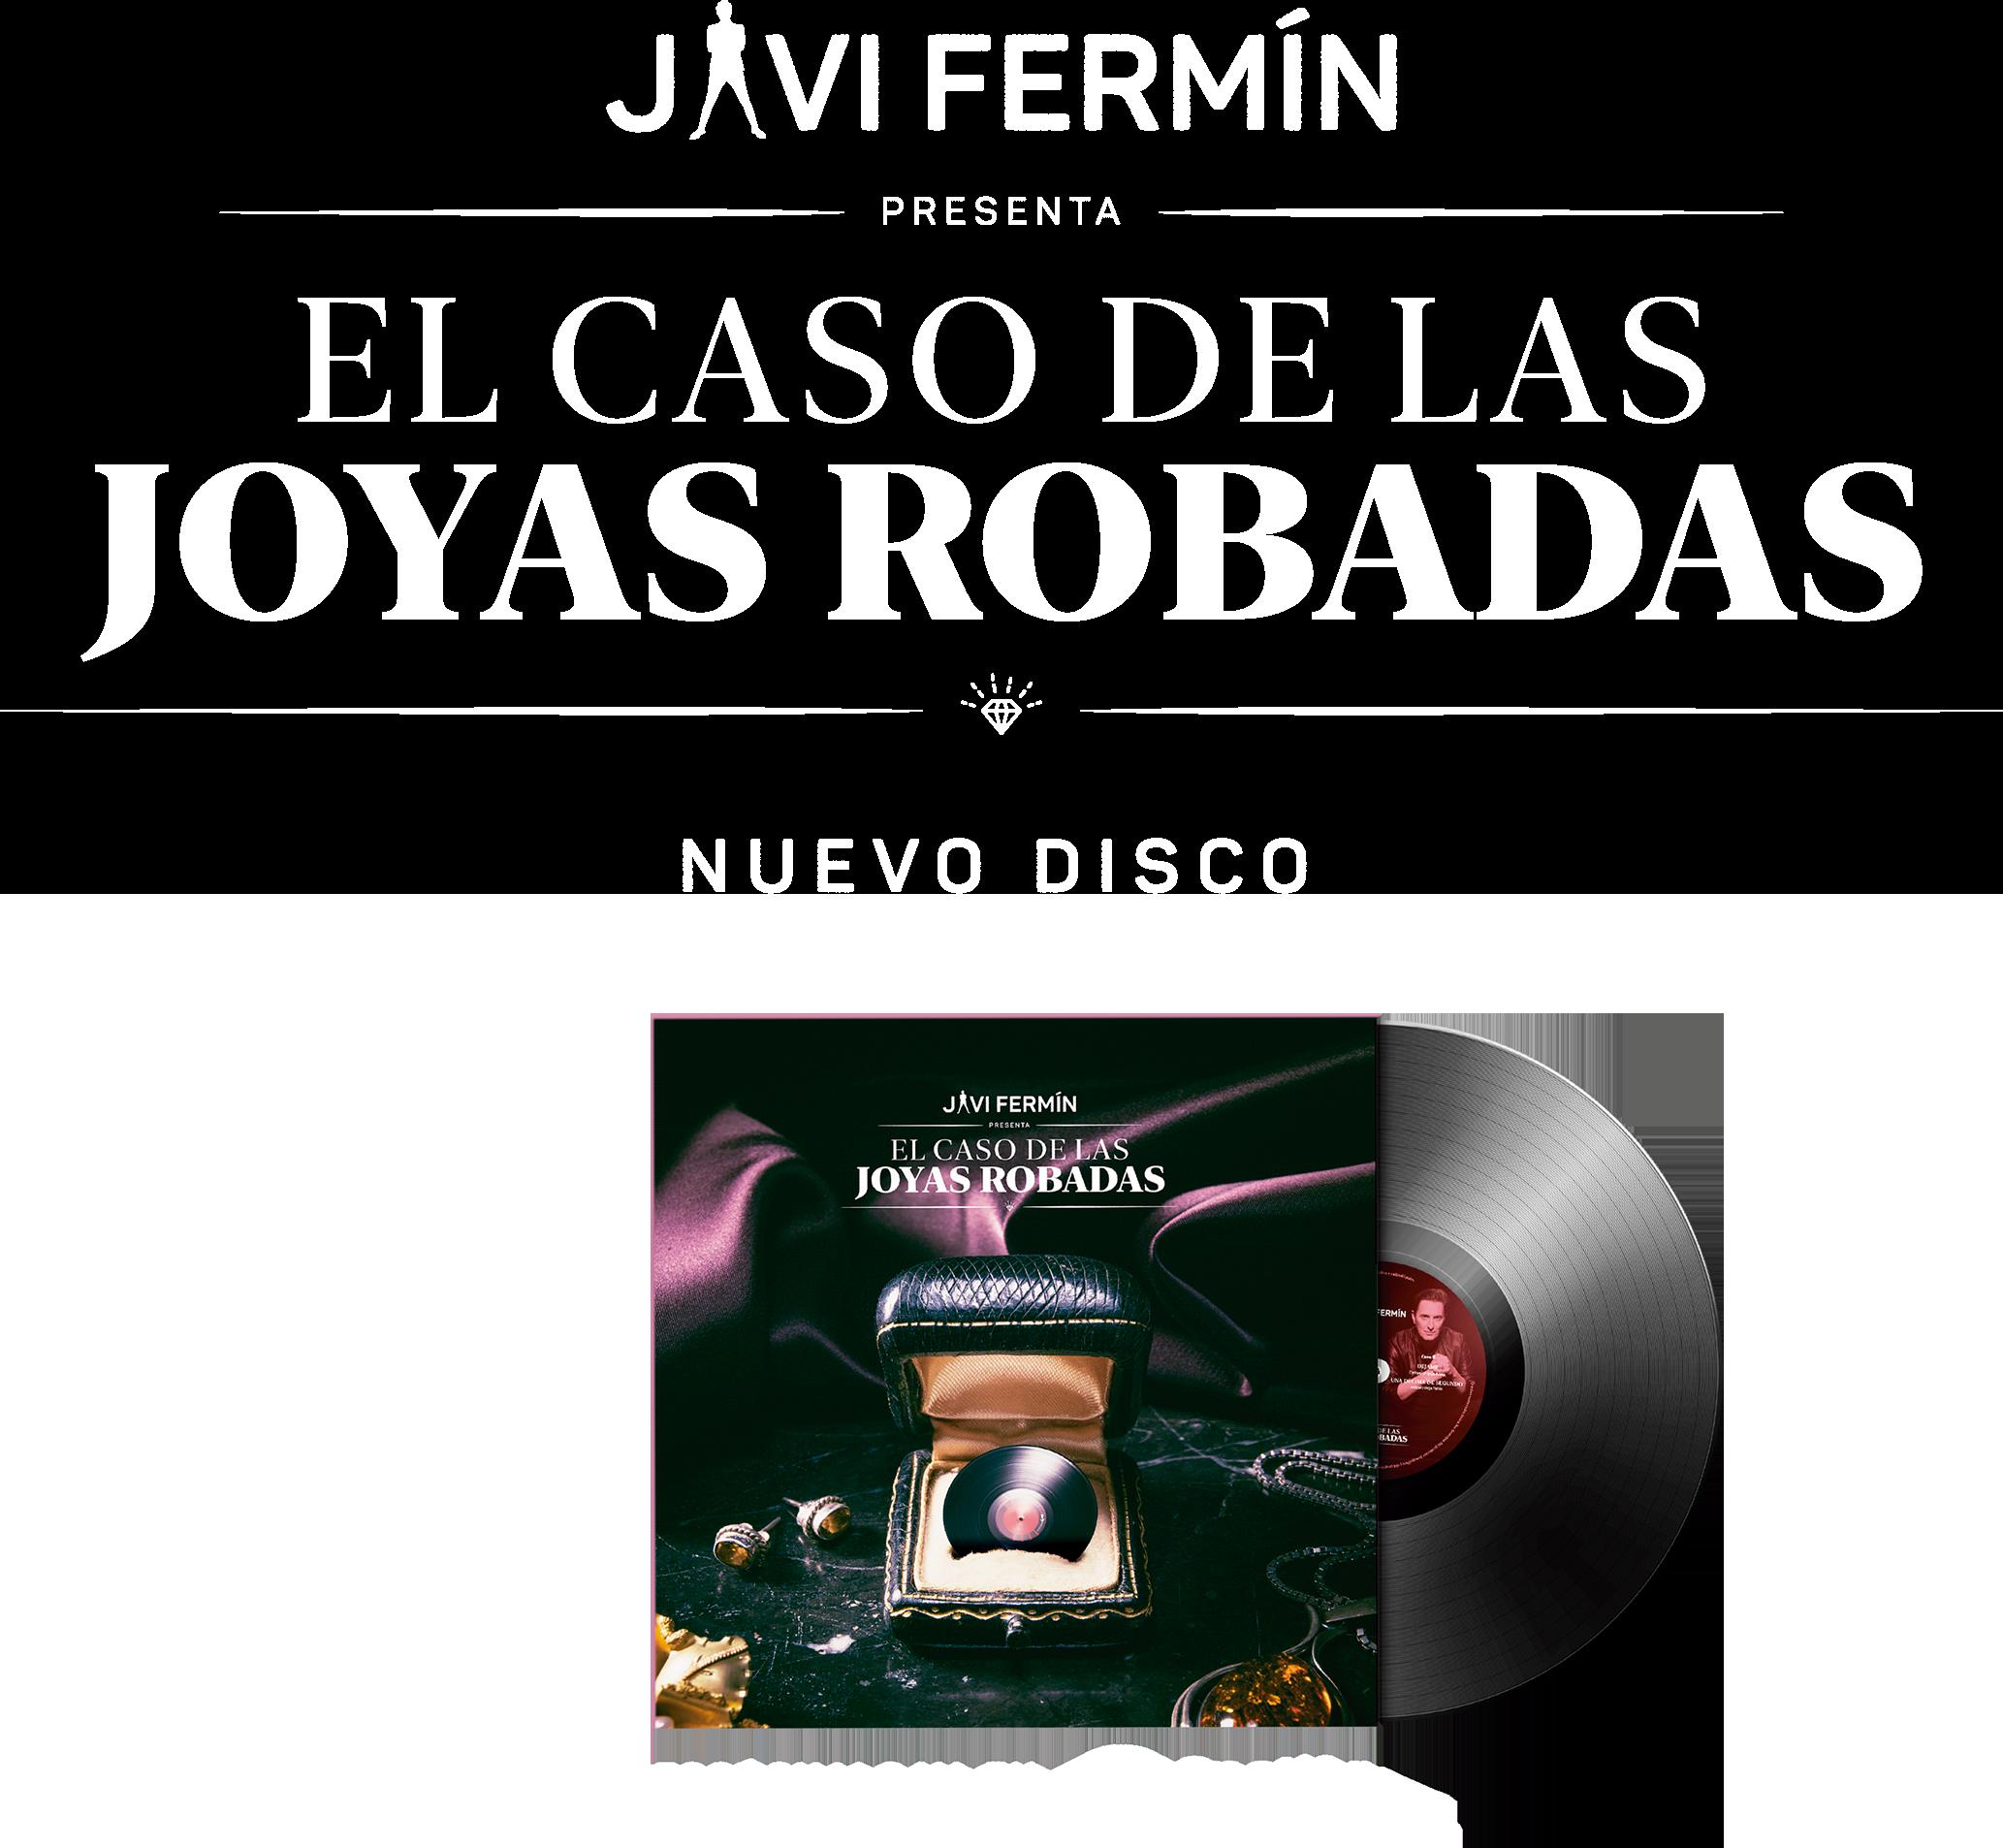 Javi Fermín, detective de canciones